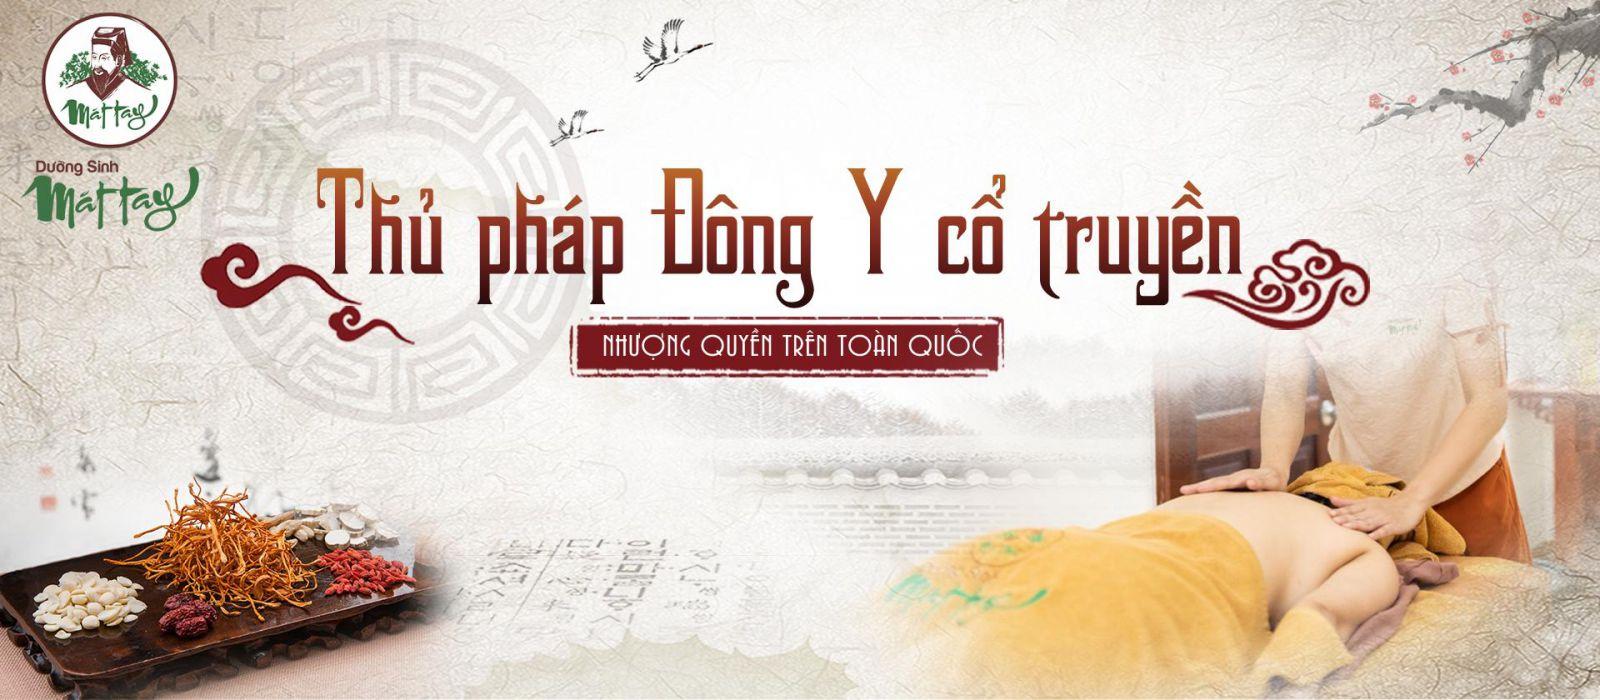 thuong-hieu-spa-duong-sinh-mat-tay